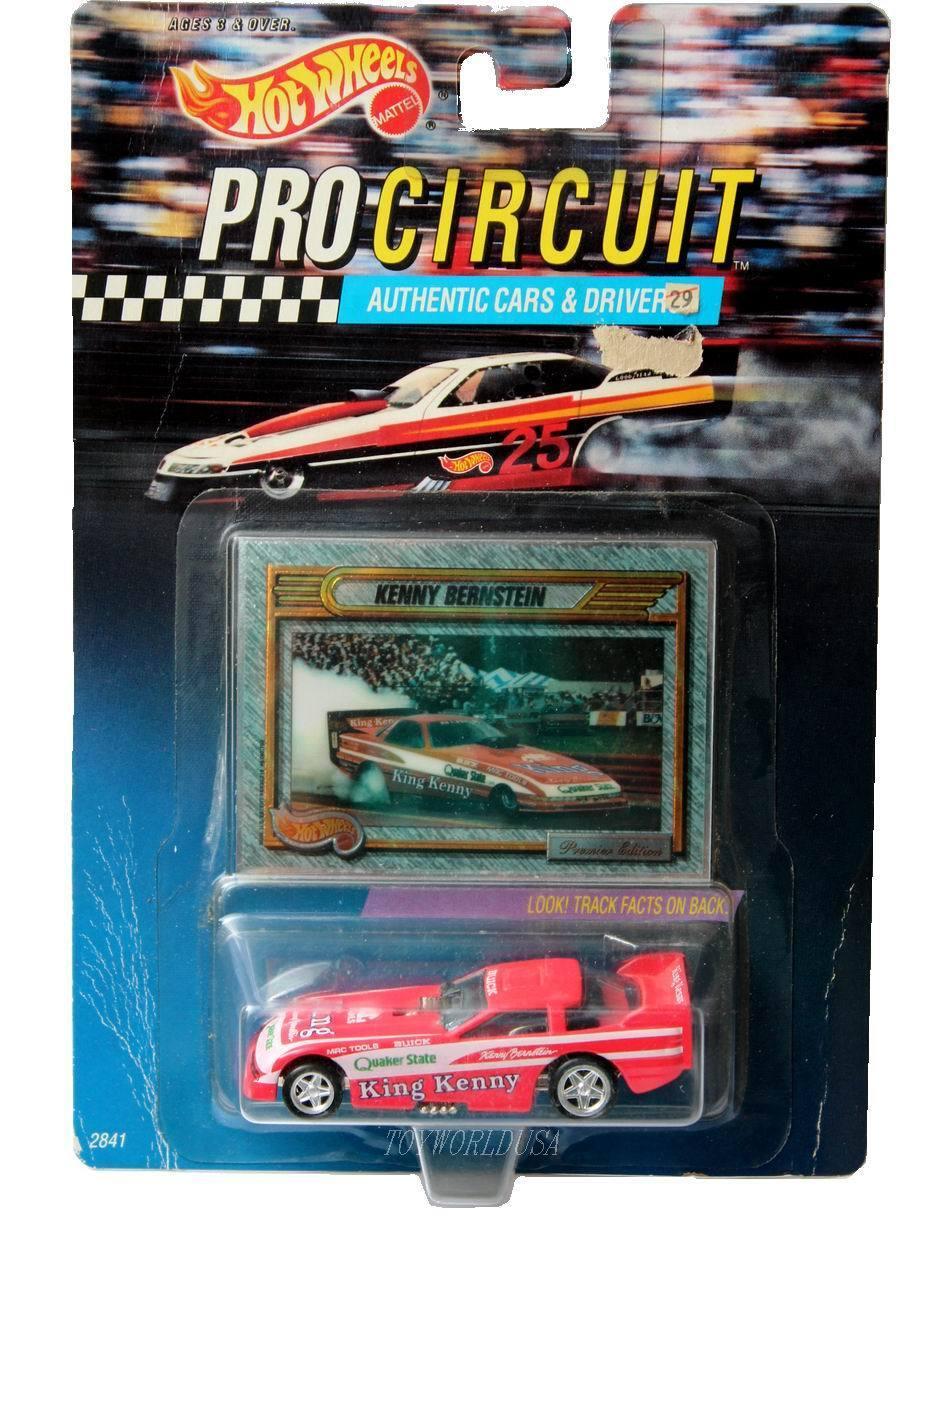 1992 caliente ruedaS Pro Circuit swindahl Kenny Bernstein re Kenny Quaker State